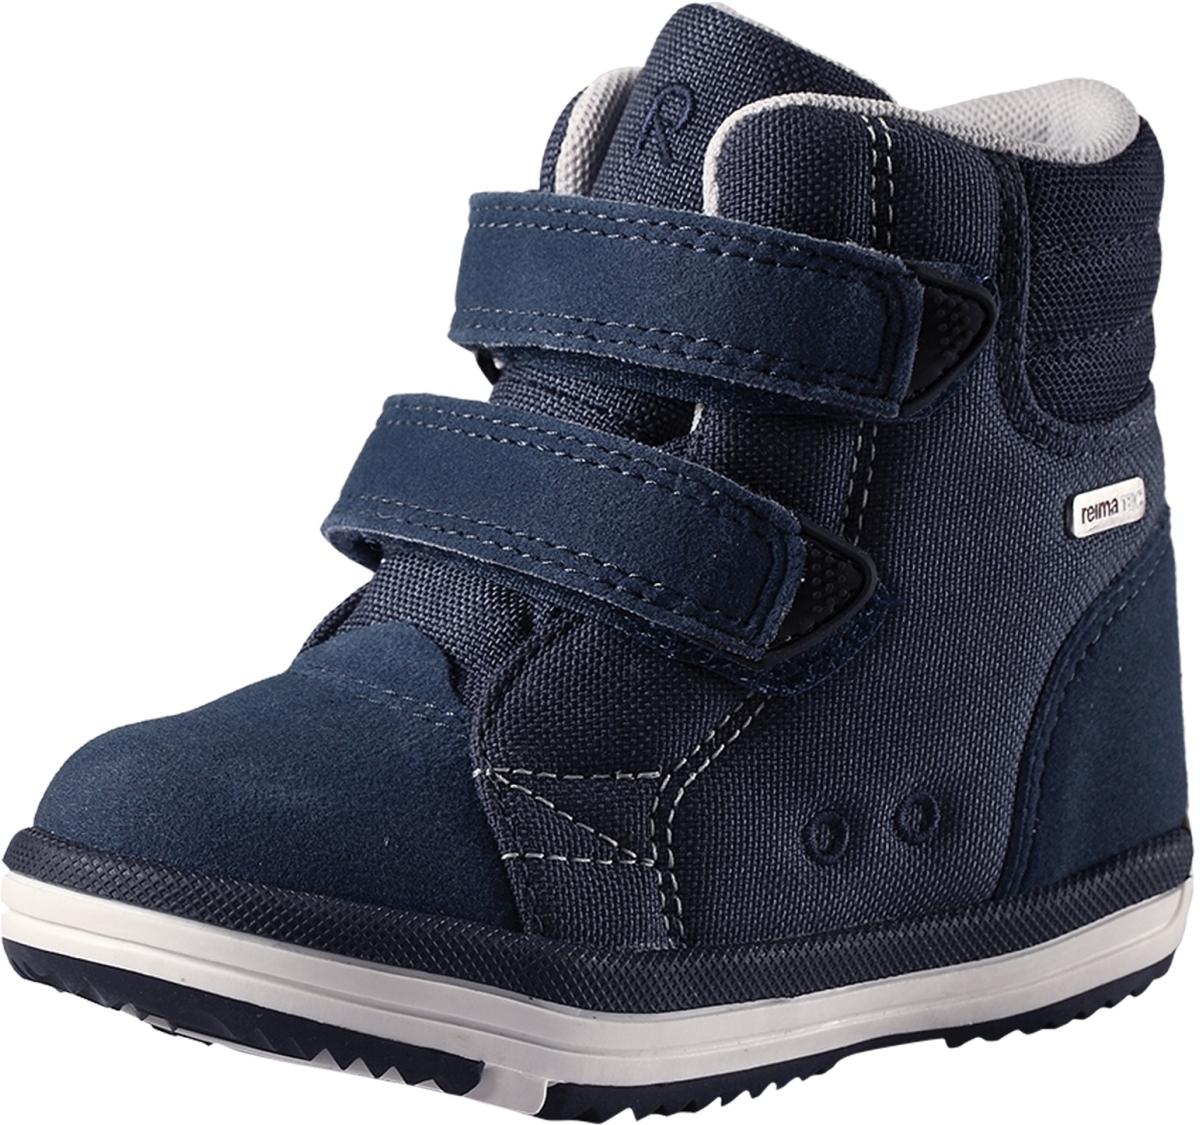 1996beded845 Dětské membránové boty Reima Patter - Soft blue - Skibi Kids